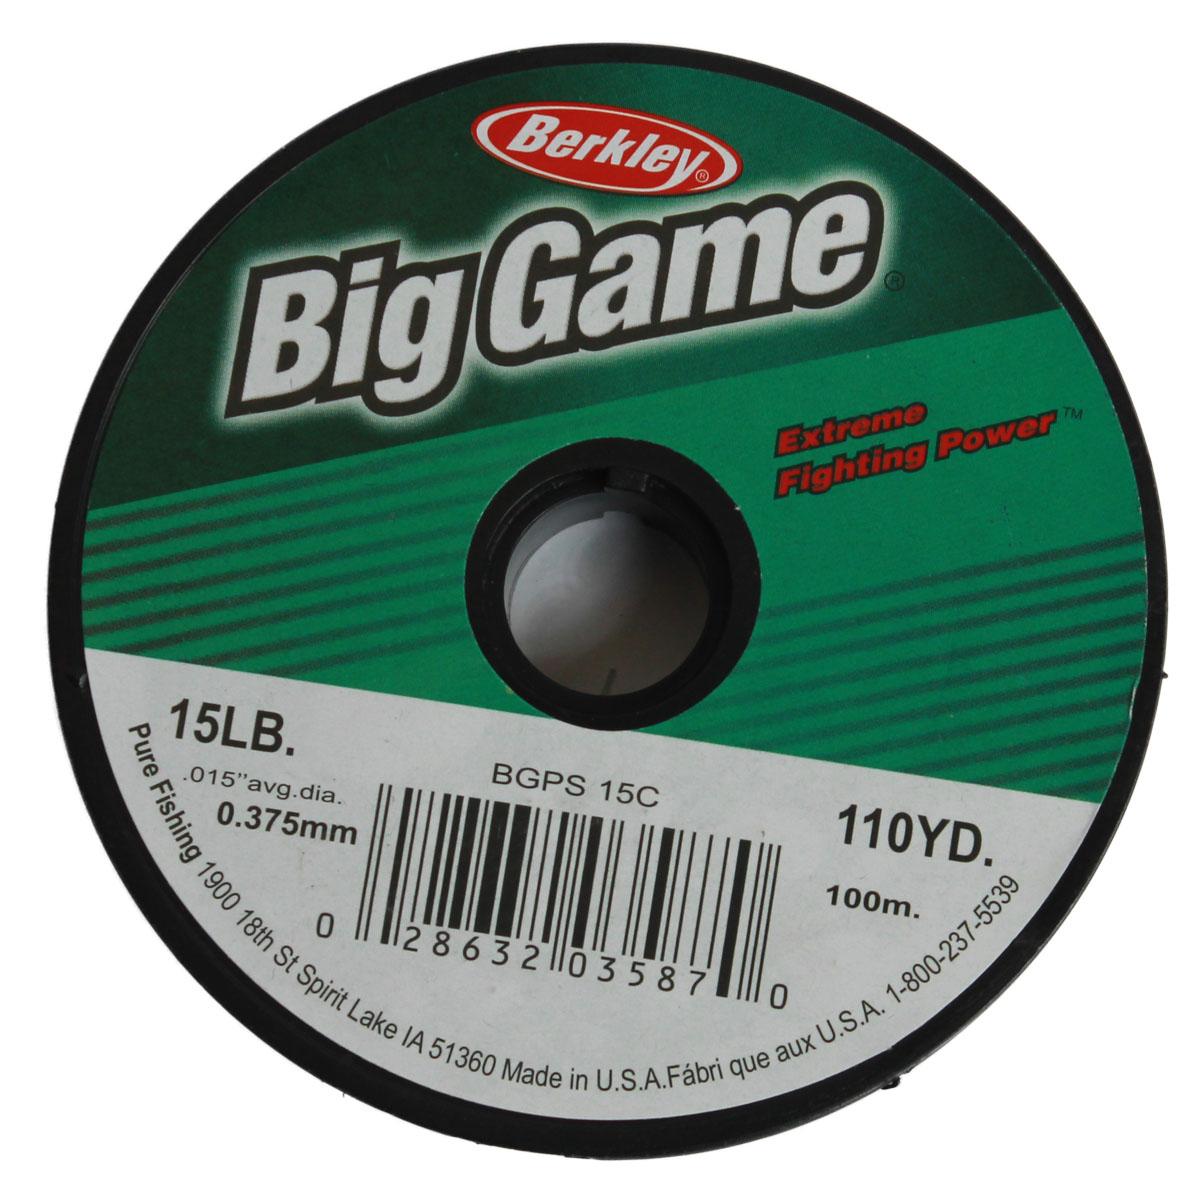 Dây Câu Cá Berkley Big Game 100m Chính Hãng